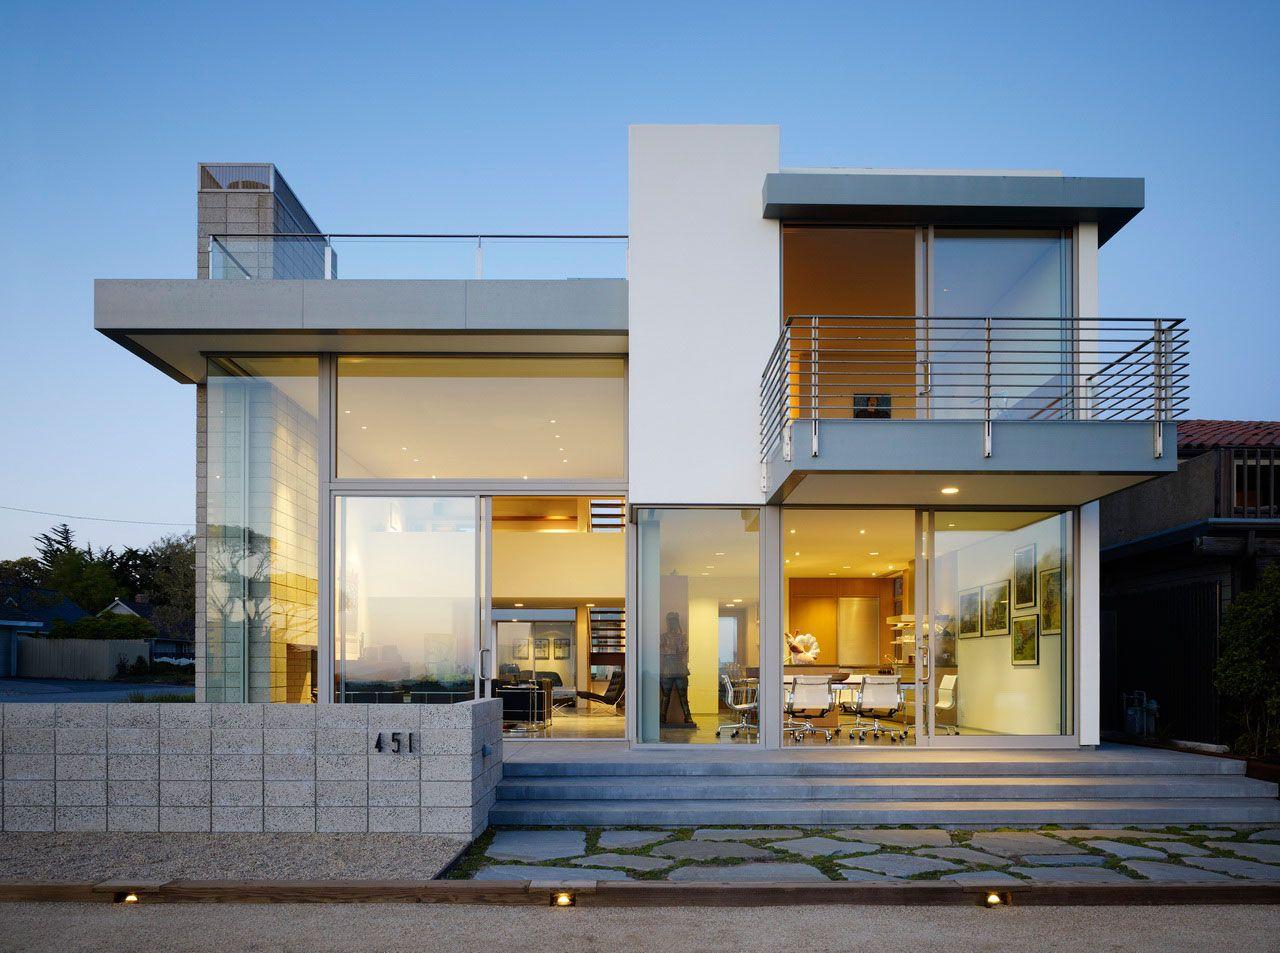 25 Best Modern House Designs Sovremennye Plany Doma Sovremennyj